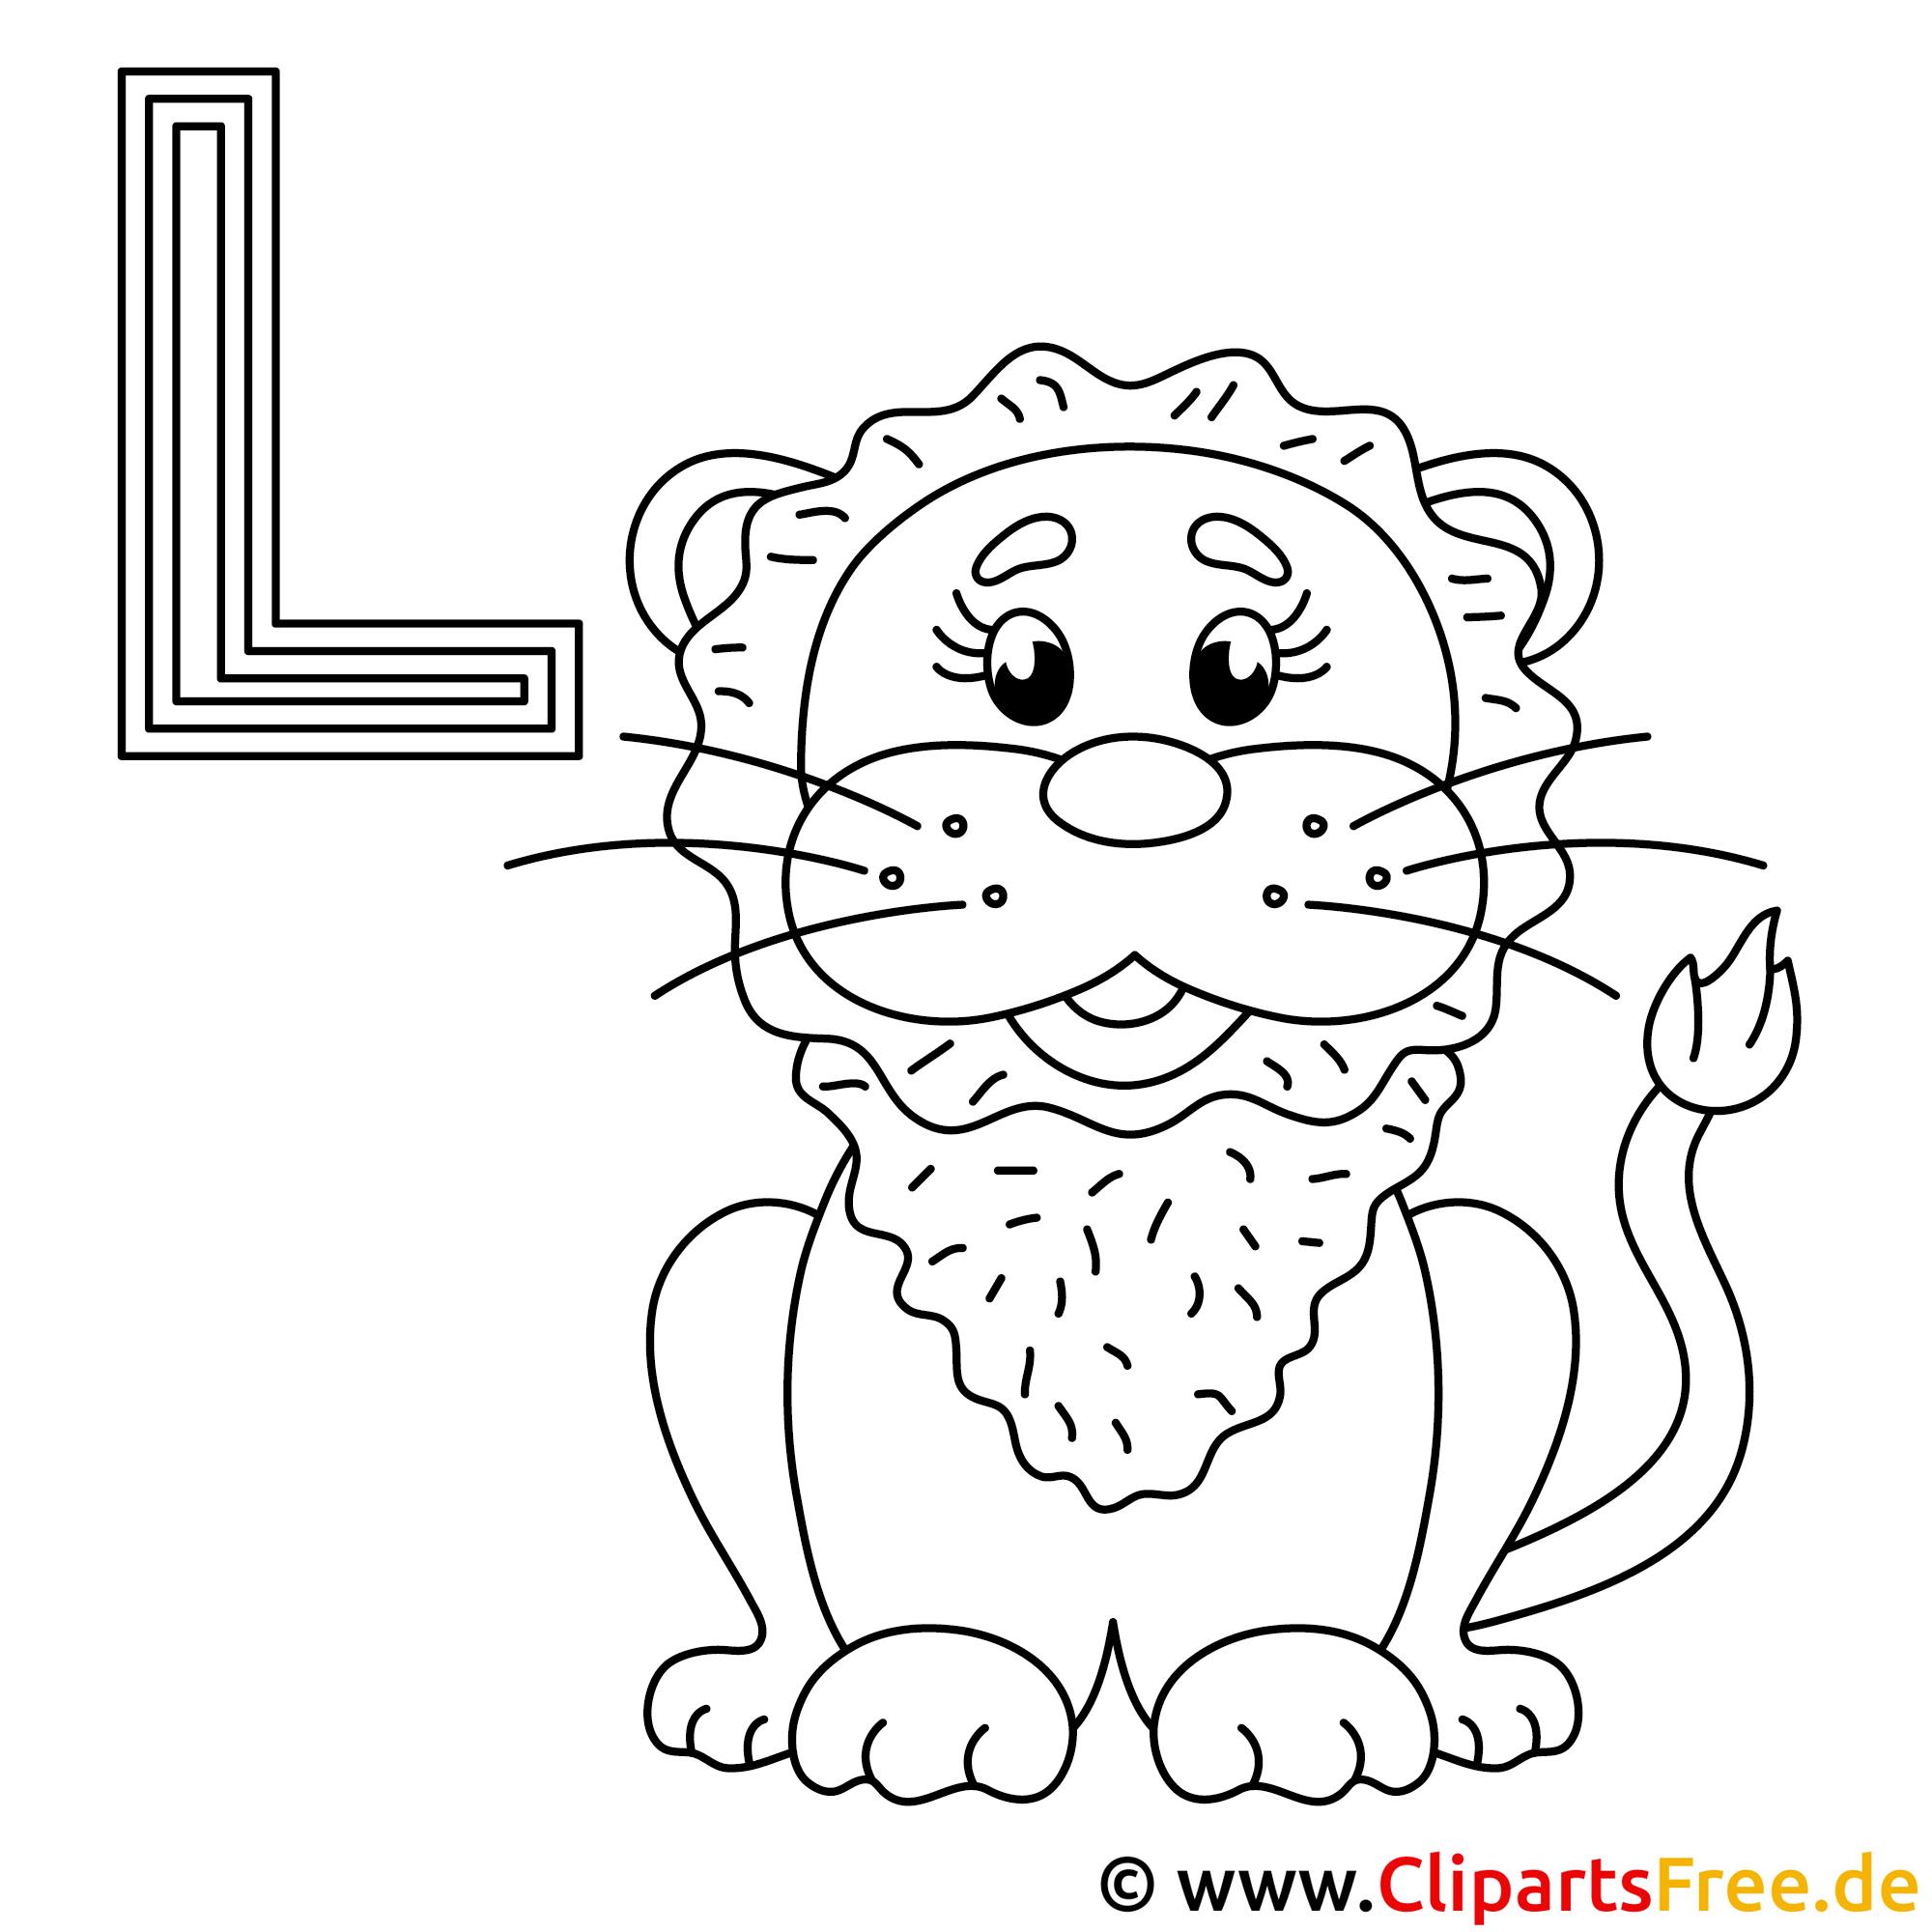 Loewe Asmalbild - Buchstaben lernen Vorlagen